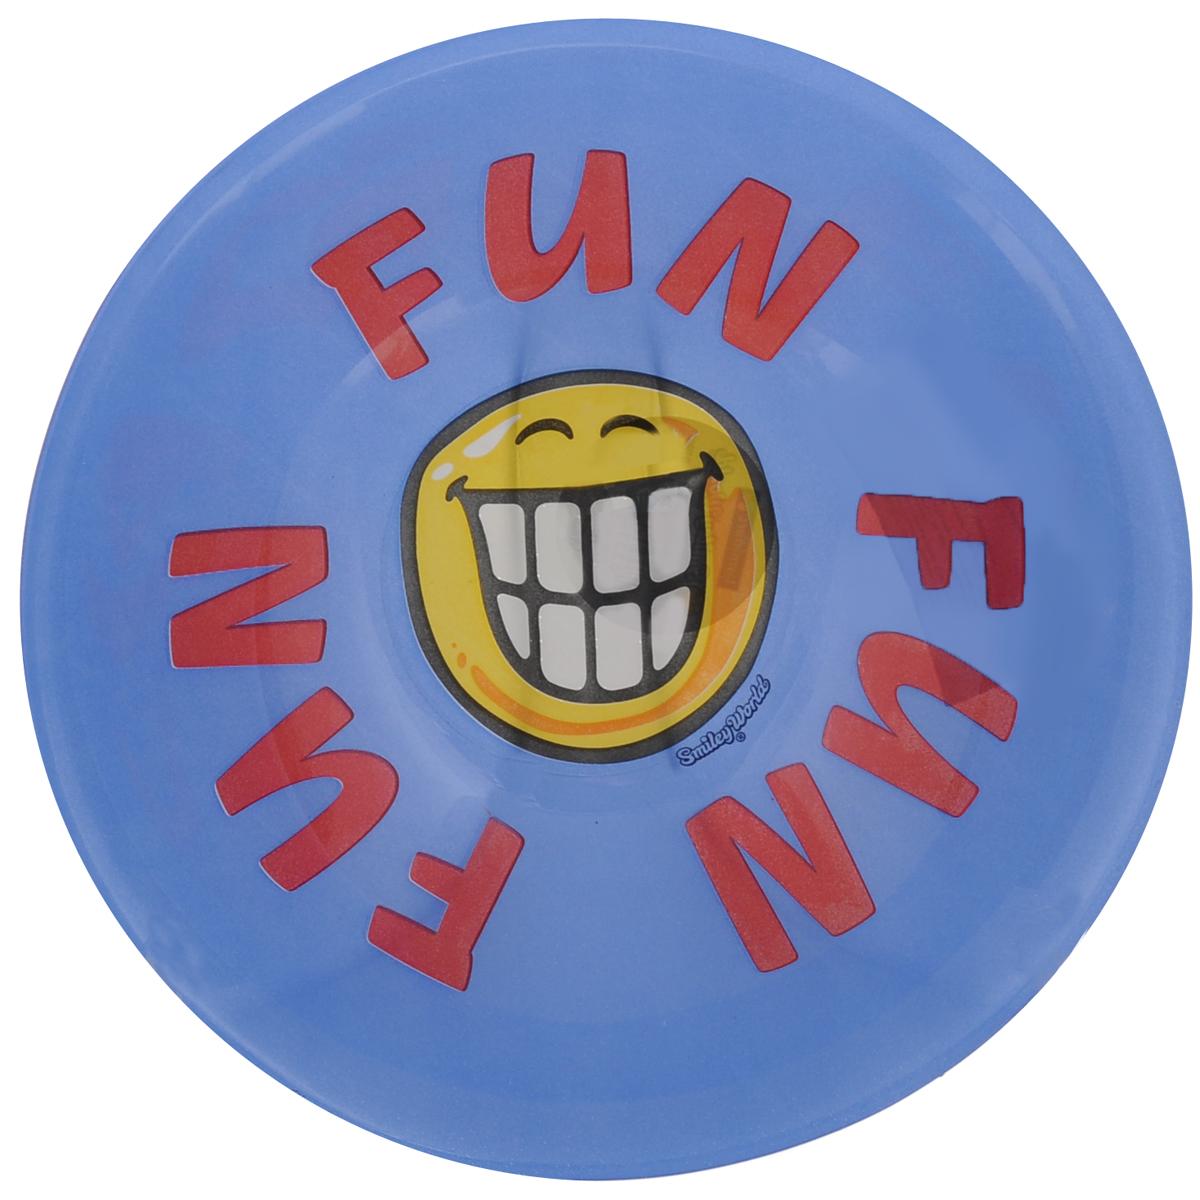 Миска Luminarc Smiley World First, диаметр 16,5 см115510Миска Luminarc Smiley World First выполнена из высококачественного стекла. Изделие сочетает в себеизысканный дизайн с максимальной функциональностью. Она прекрасно впишется в интерьер вашей кухни и станет достойным дополнением к кухонному инвентарю. Миска Smiley World подчеркнет прекрасный вкус хозяйки и станет отличным подарком. Диаметр миски (по верхнему краю): 16,5 см. Высота стенки: 4,5 см.